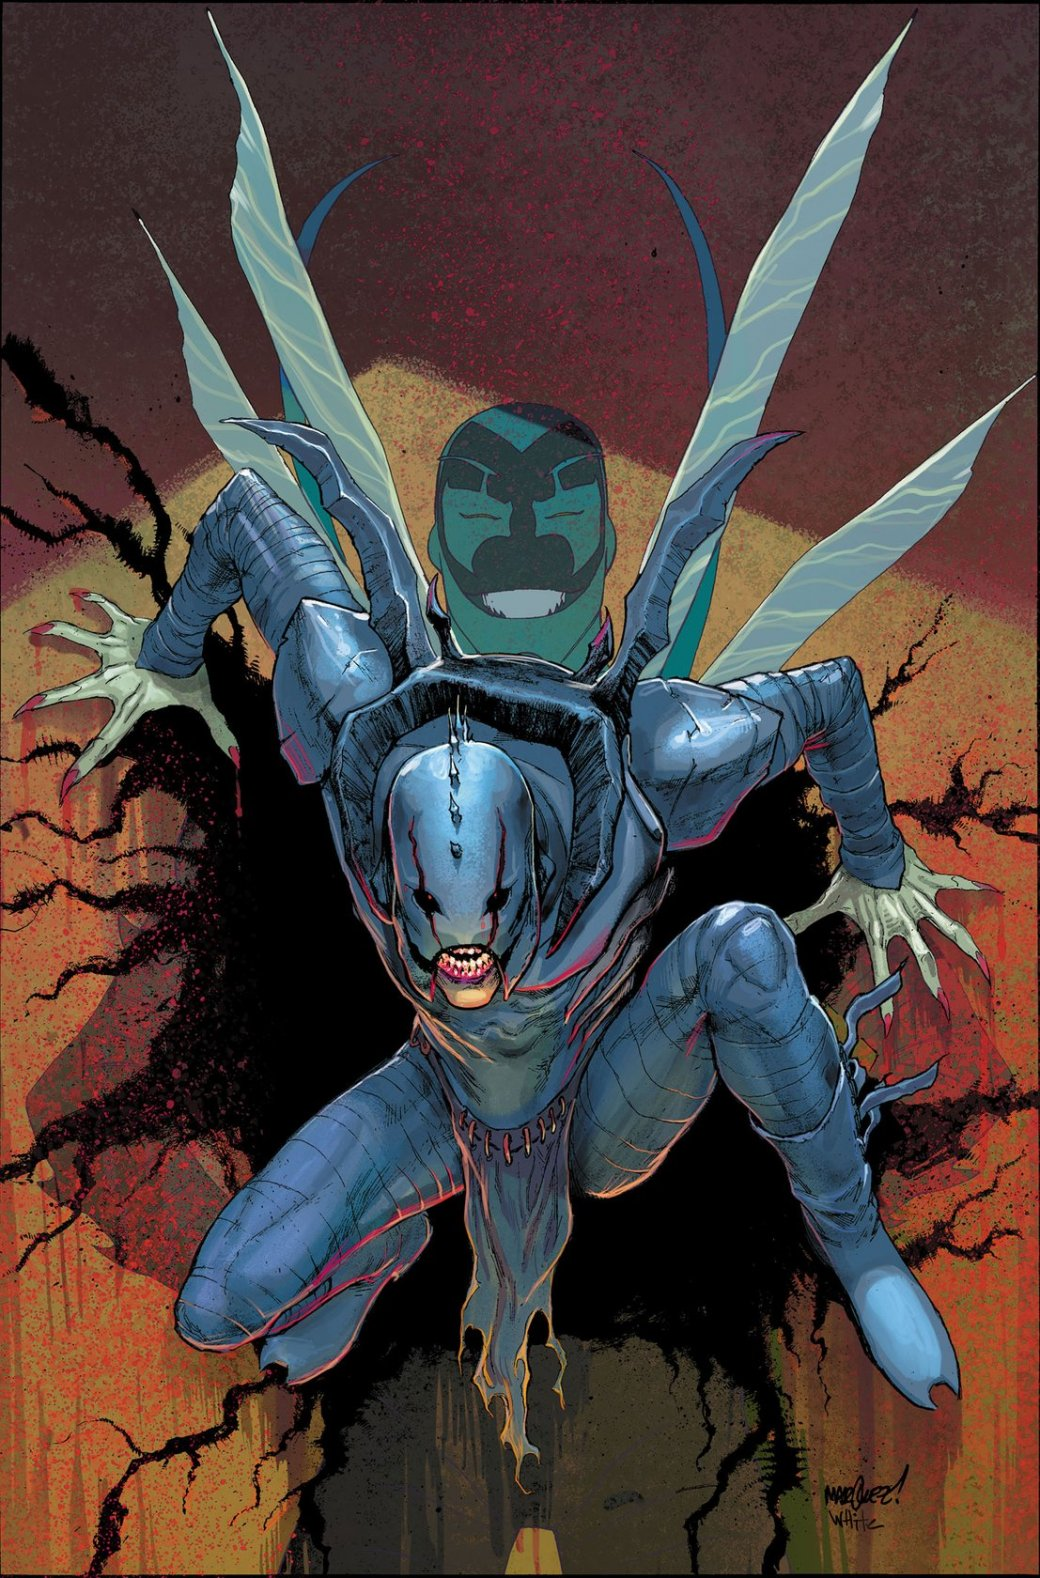 DCобъявили новую жертву Бэтмена-Джокера. Кто еще изгероев оказался заражен?